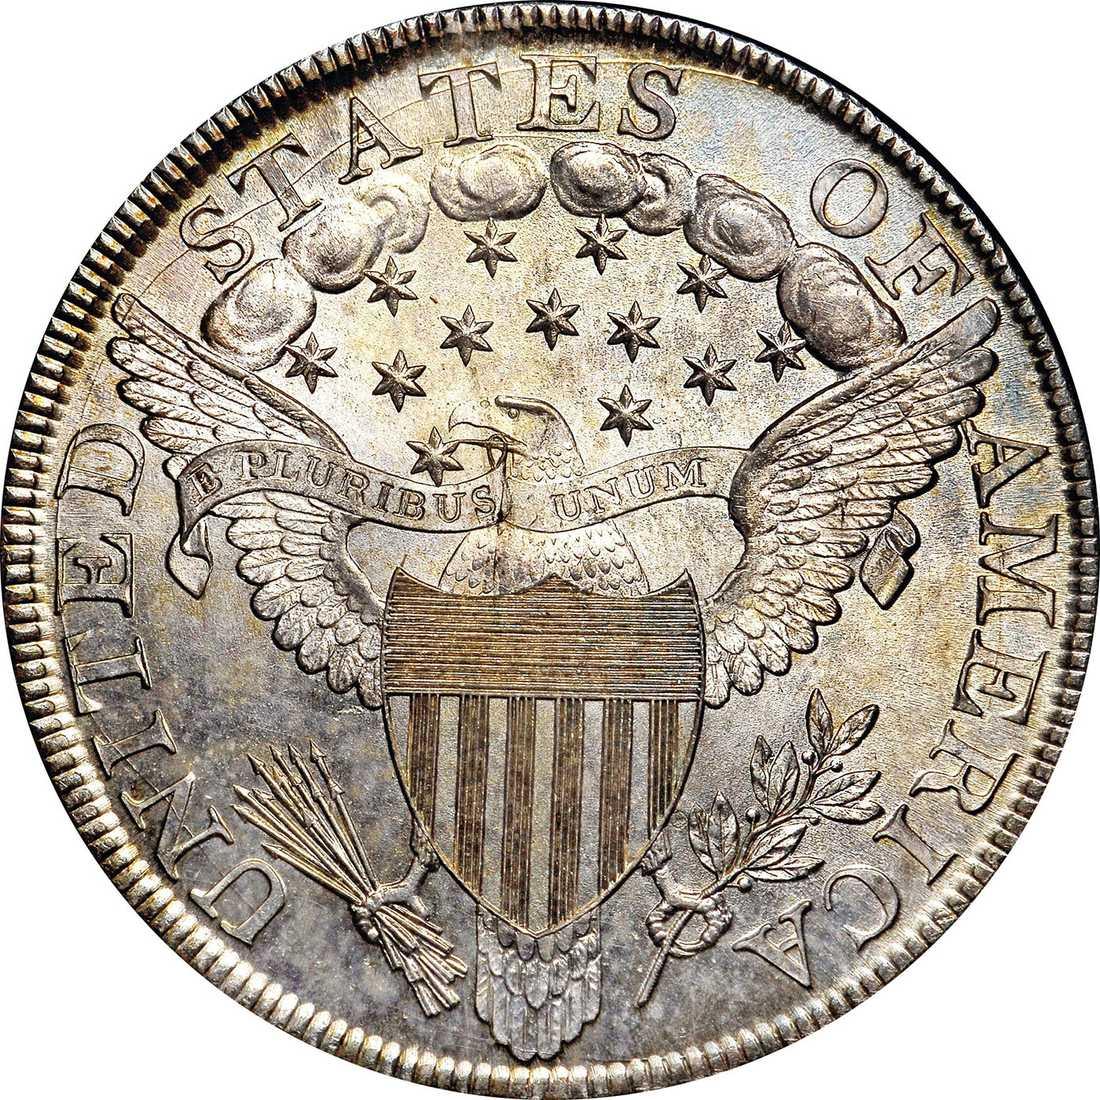 Baksidan av dollarmyntet.